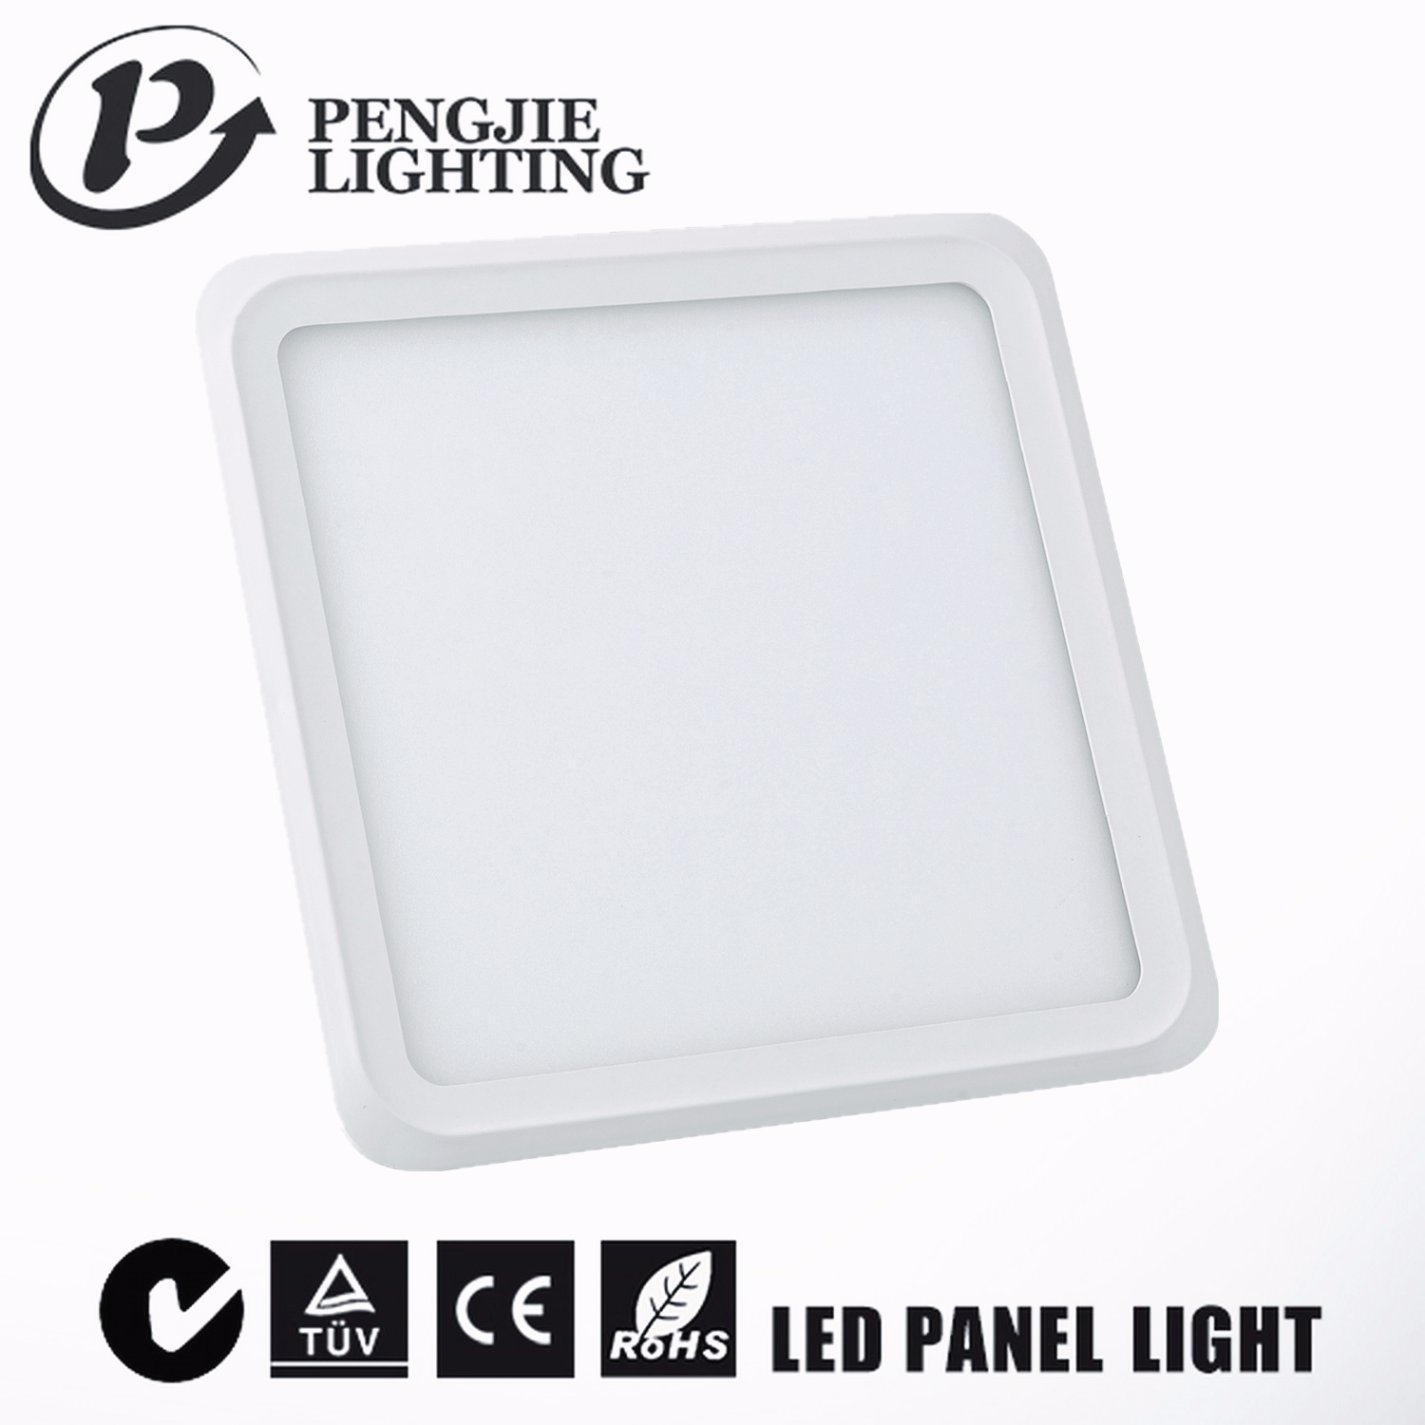 Hot Selling High Lumen 24W LED Panel Light for Office